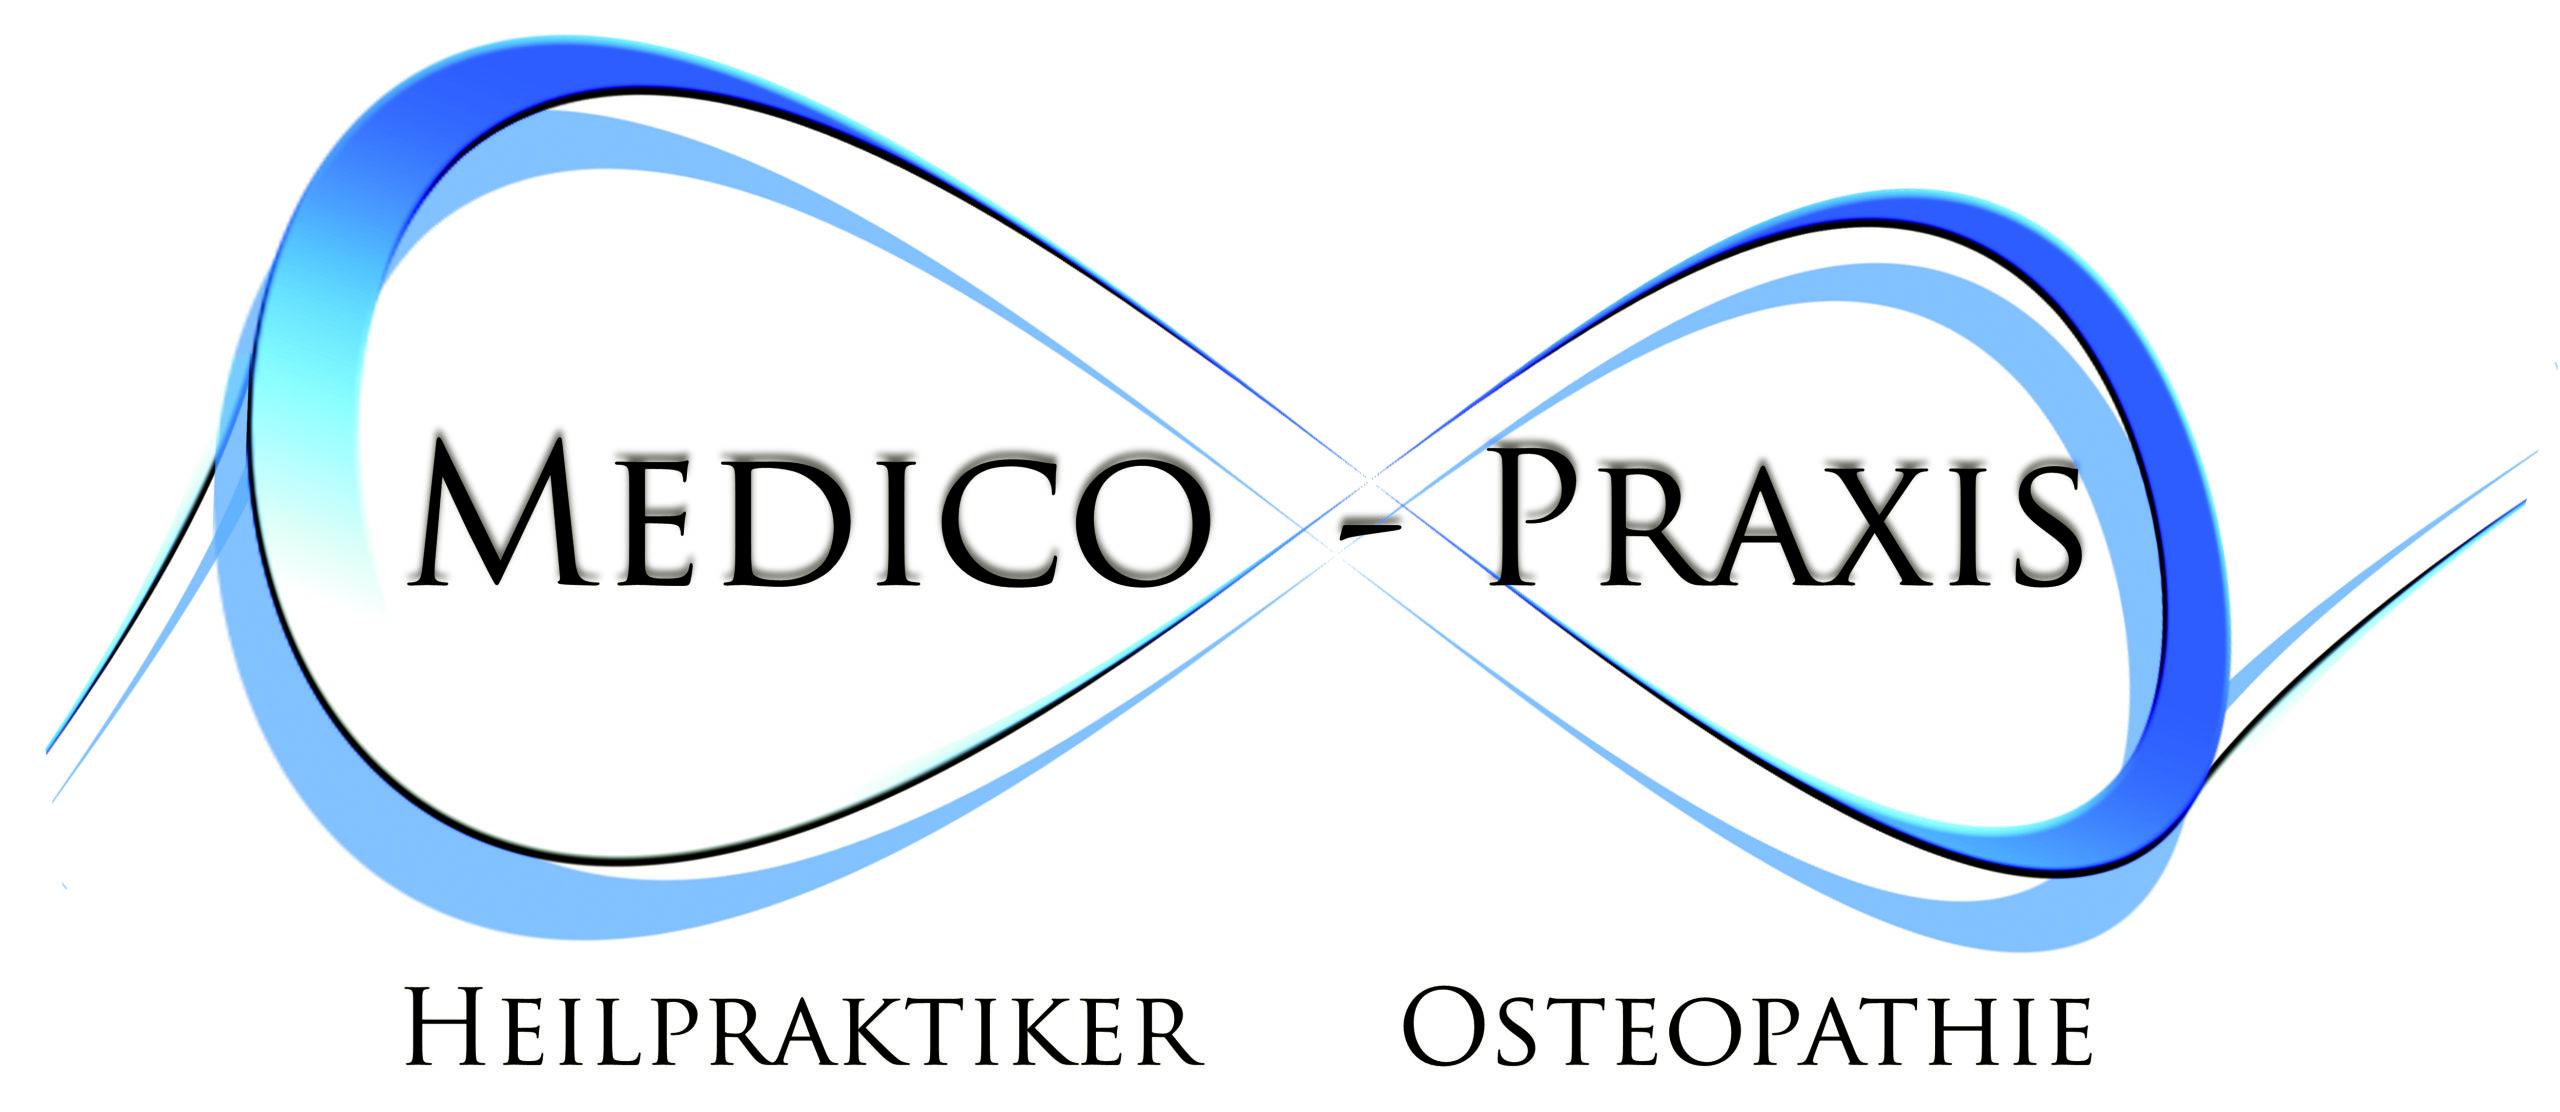 medico-praxis Logo